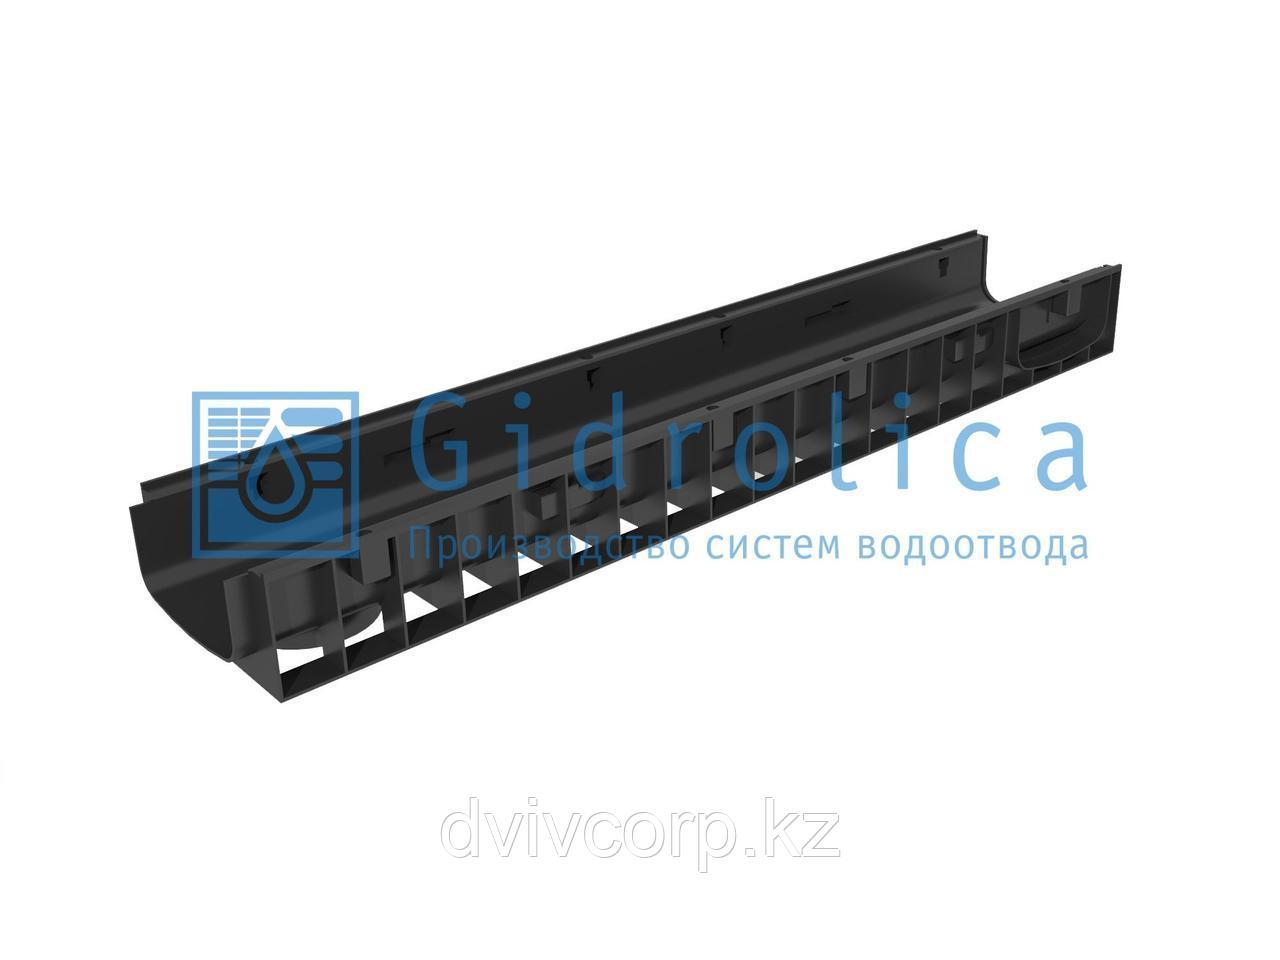 Арт. 815 Лоток водоотводный Gidrolica Standart ЛВ-15.19,6.10 - пластиковый